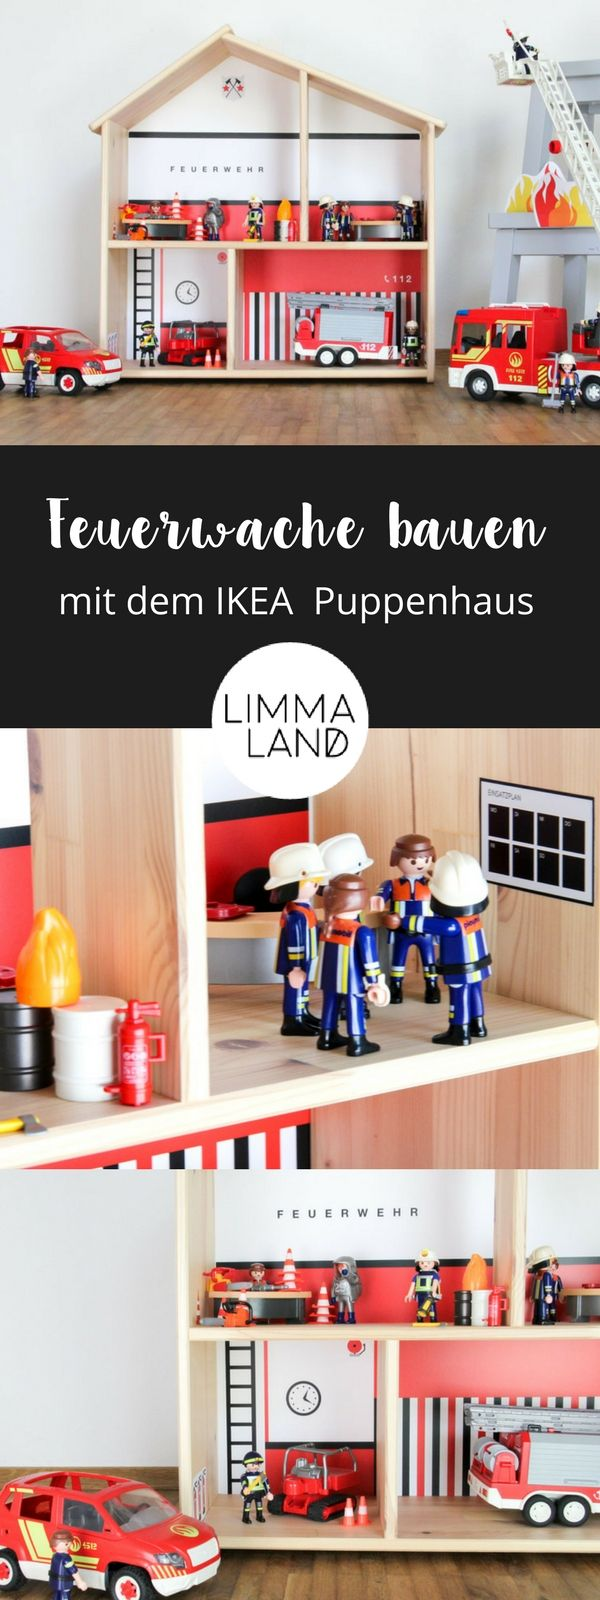 249 best Kinderzimmer images on Pinterest | Child room, Bedrooms and ...